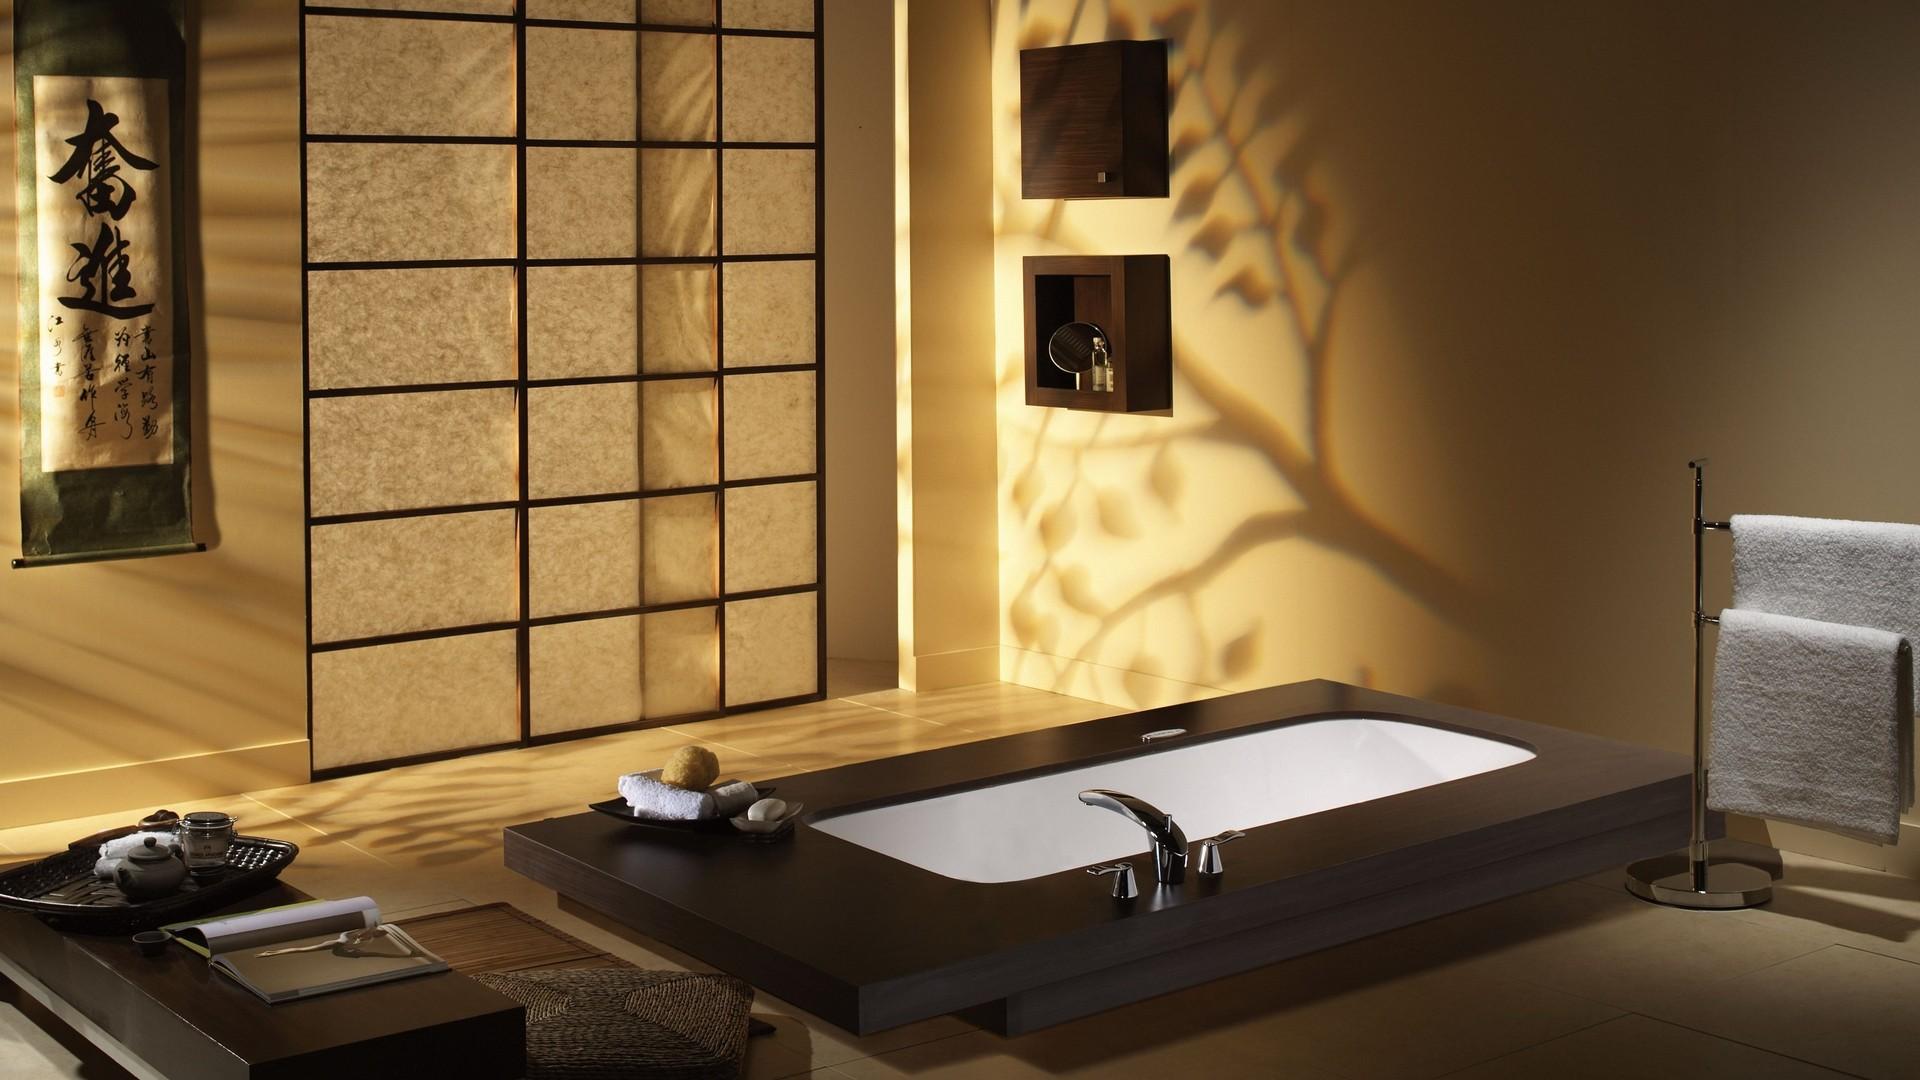 Vasca Da Bagno Stile Giapponese : Sfondi giappone camera interno vasca da bagno interior